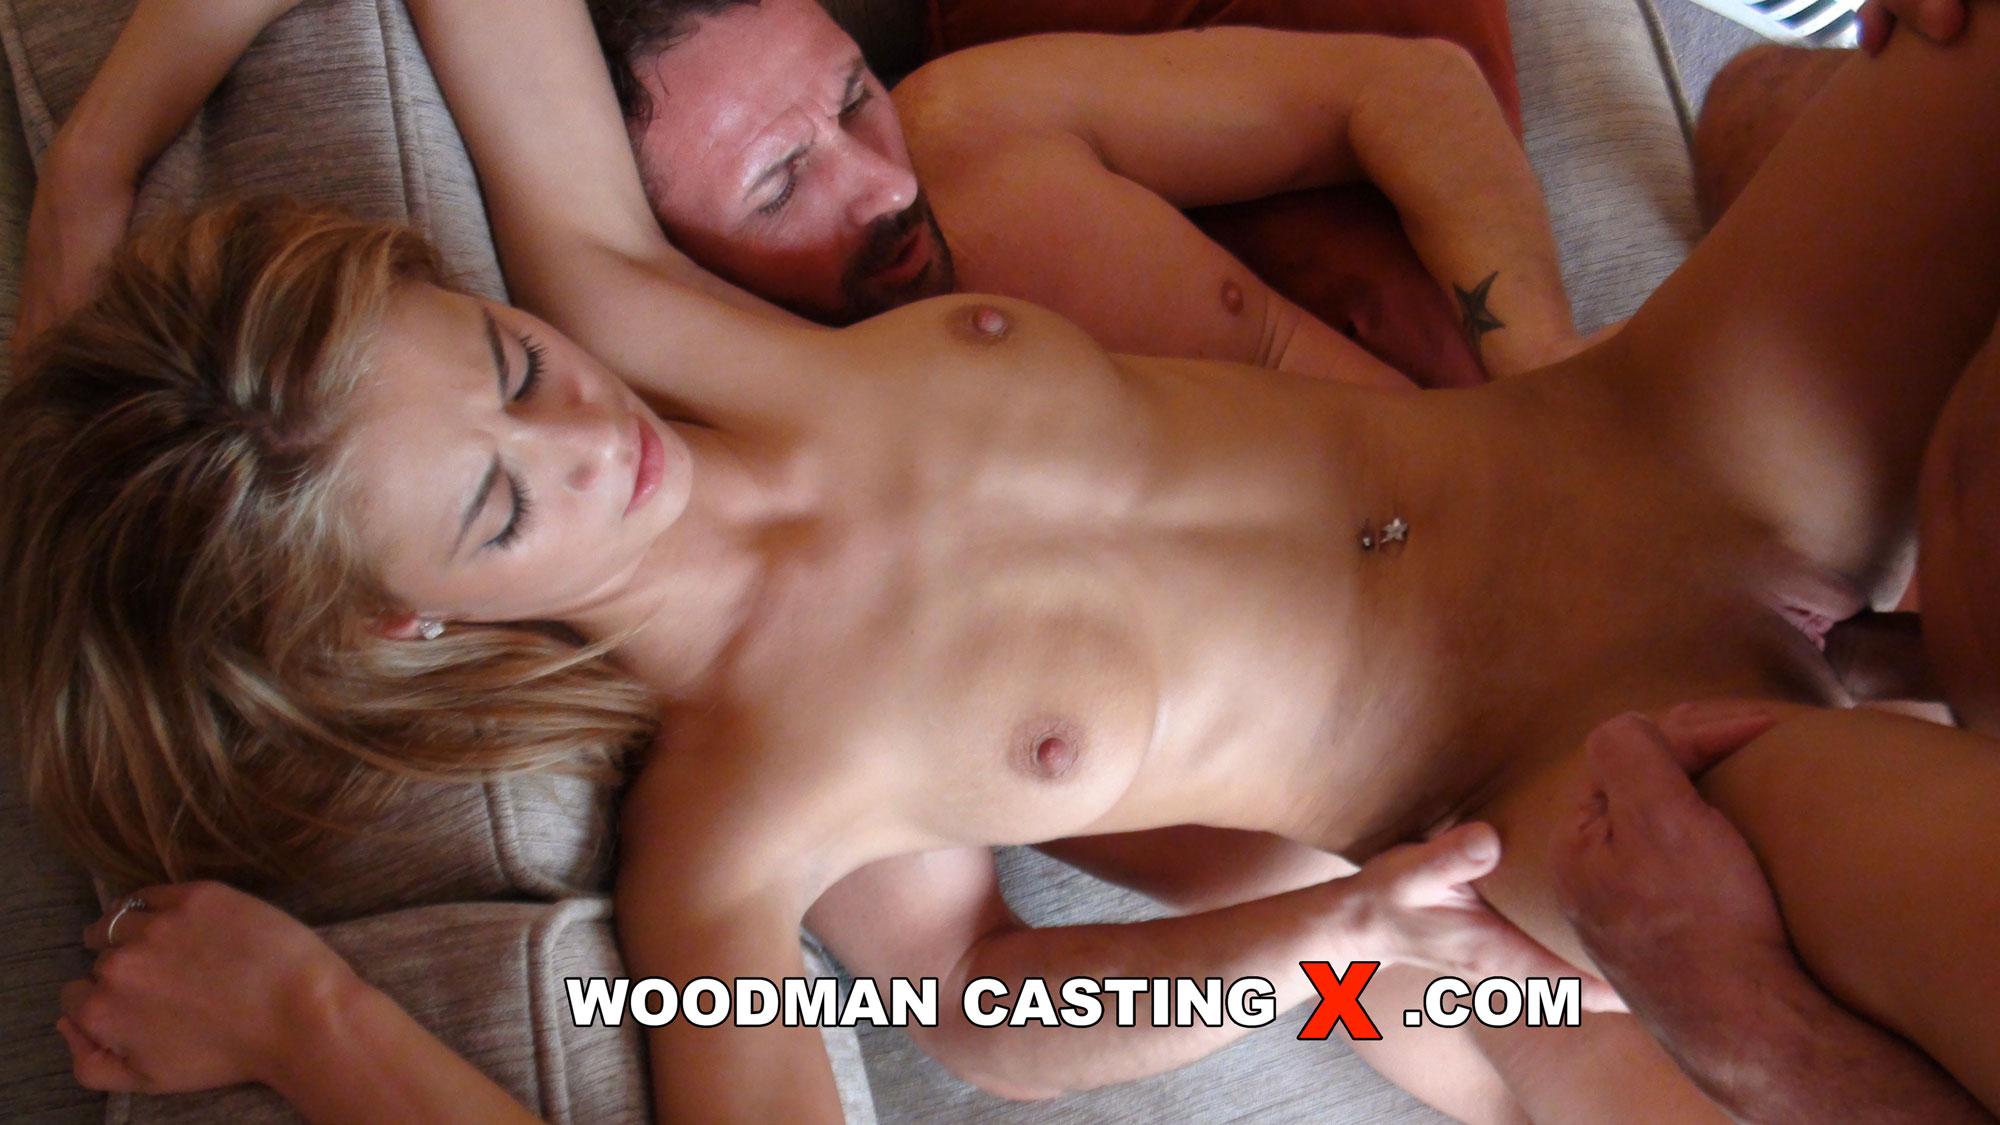 Съемки порно ролика вудмана, Кастинг Пьера Вудмана откровенные интервью, море 16 фотография